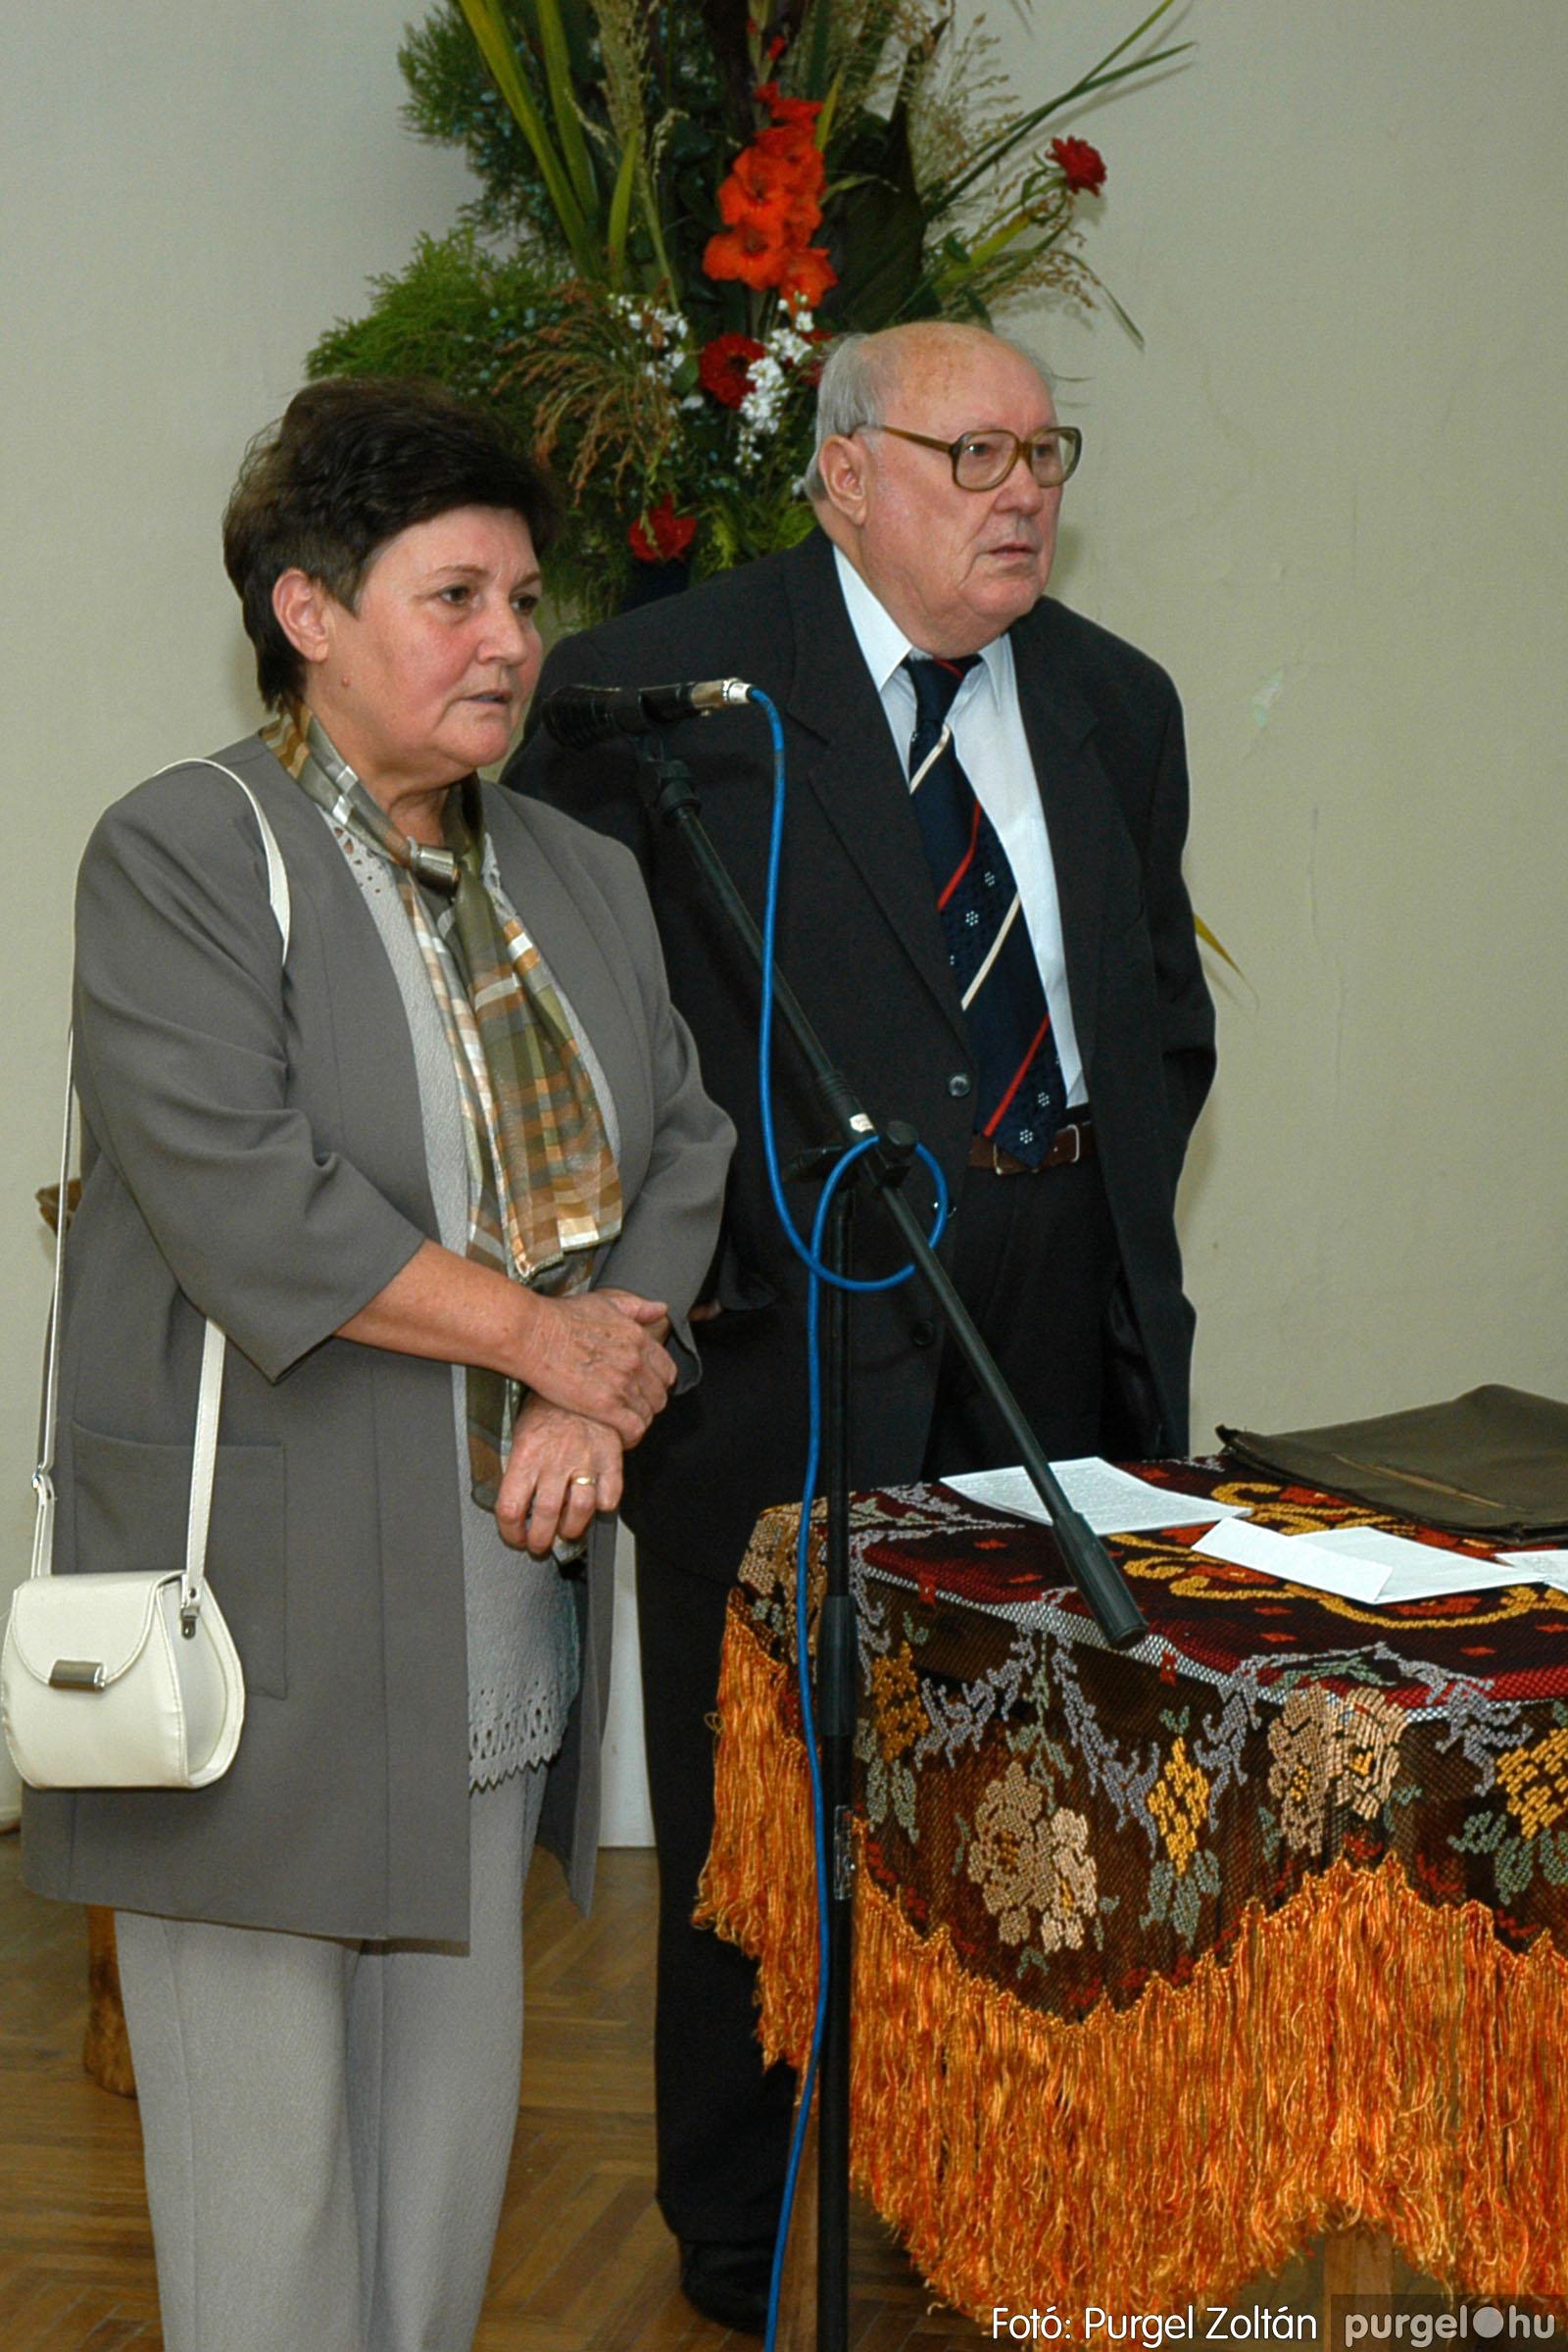 2004.09.25. 012 Dr. Csergő Károly alispán és kora című kiállítás és emléktábla avatás - Fotó:P. Z.©.jpg